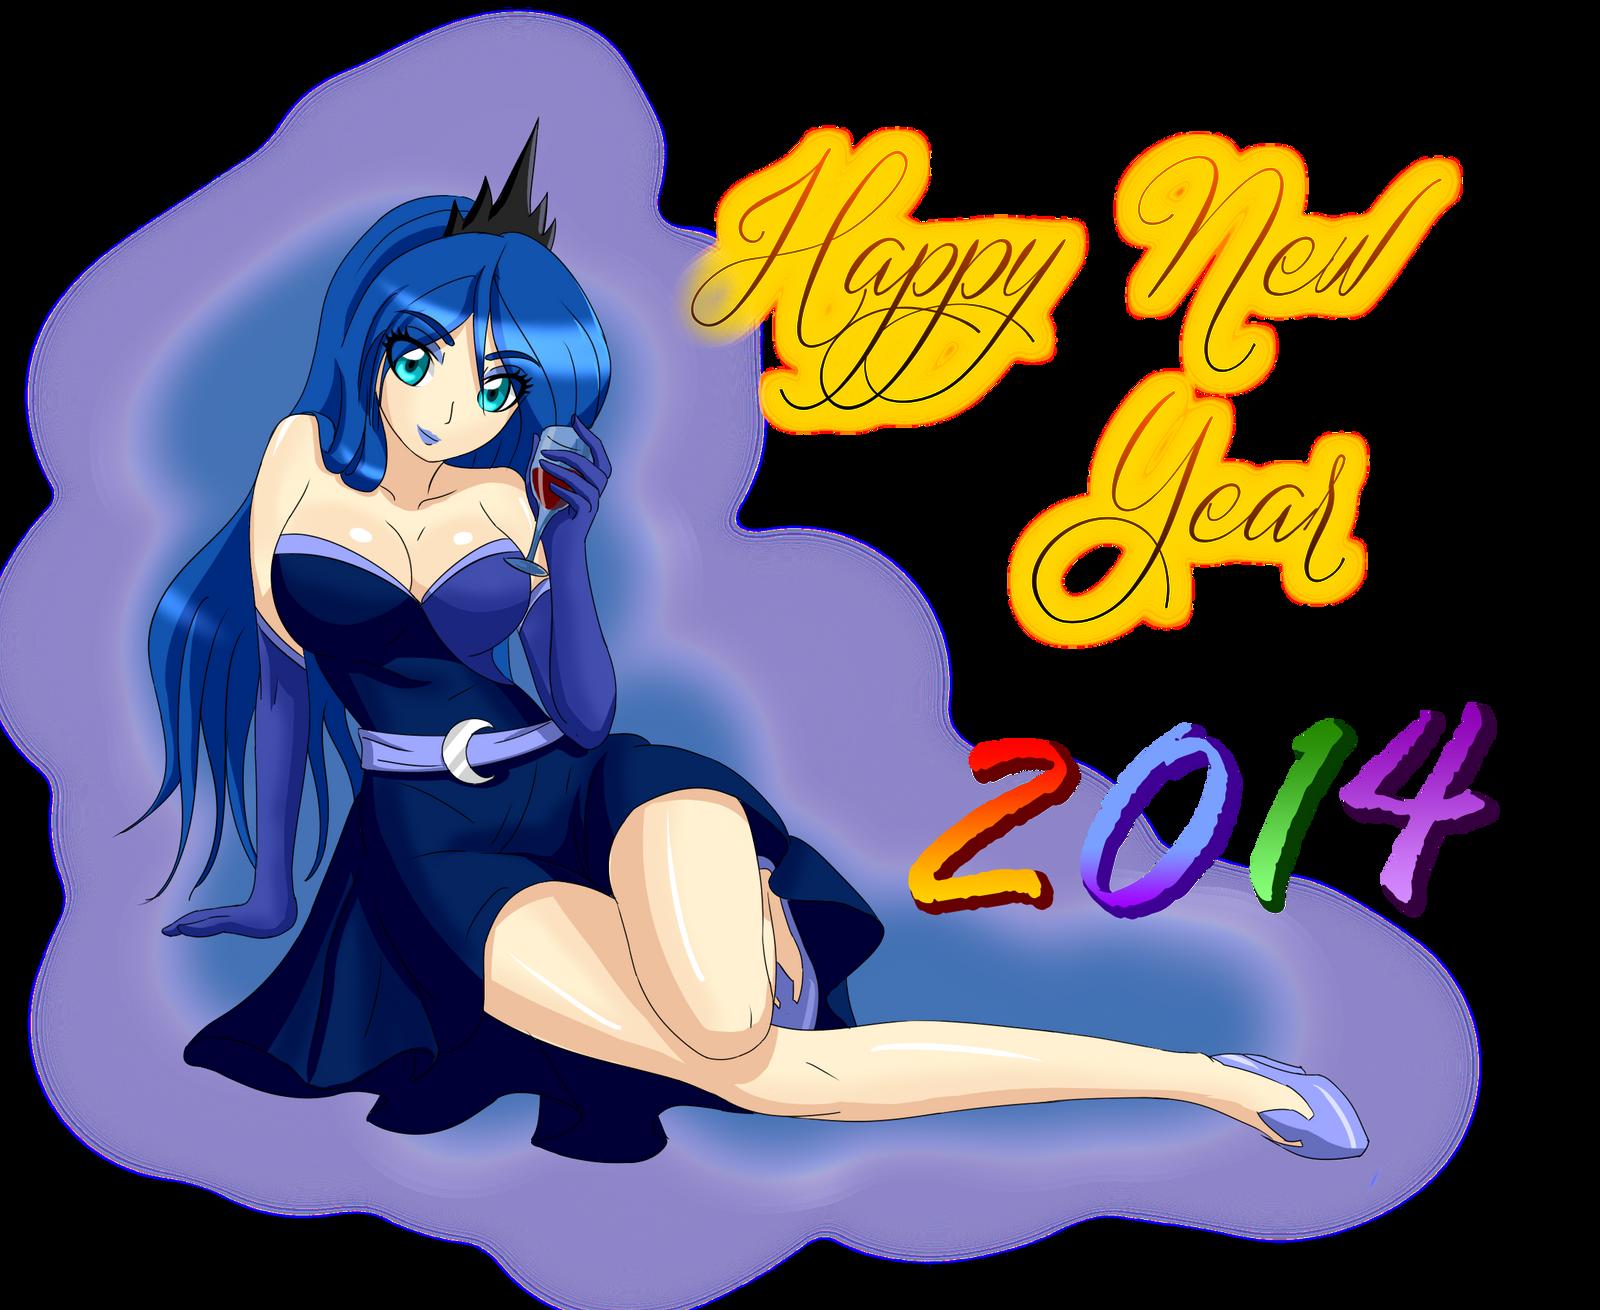 Happy New Year by ZantyARZ